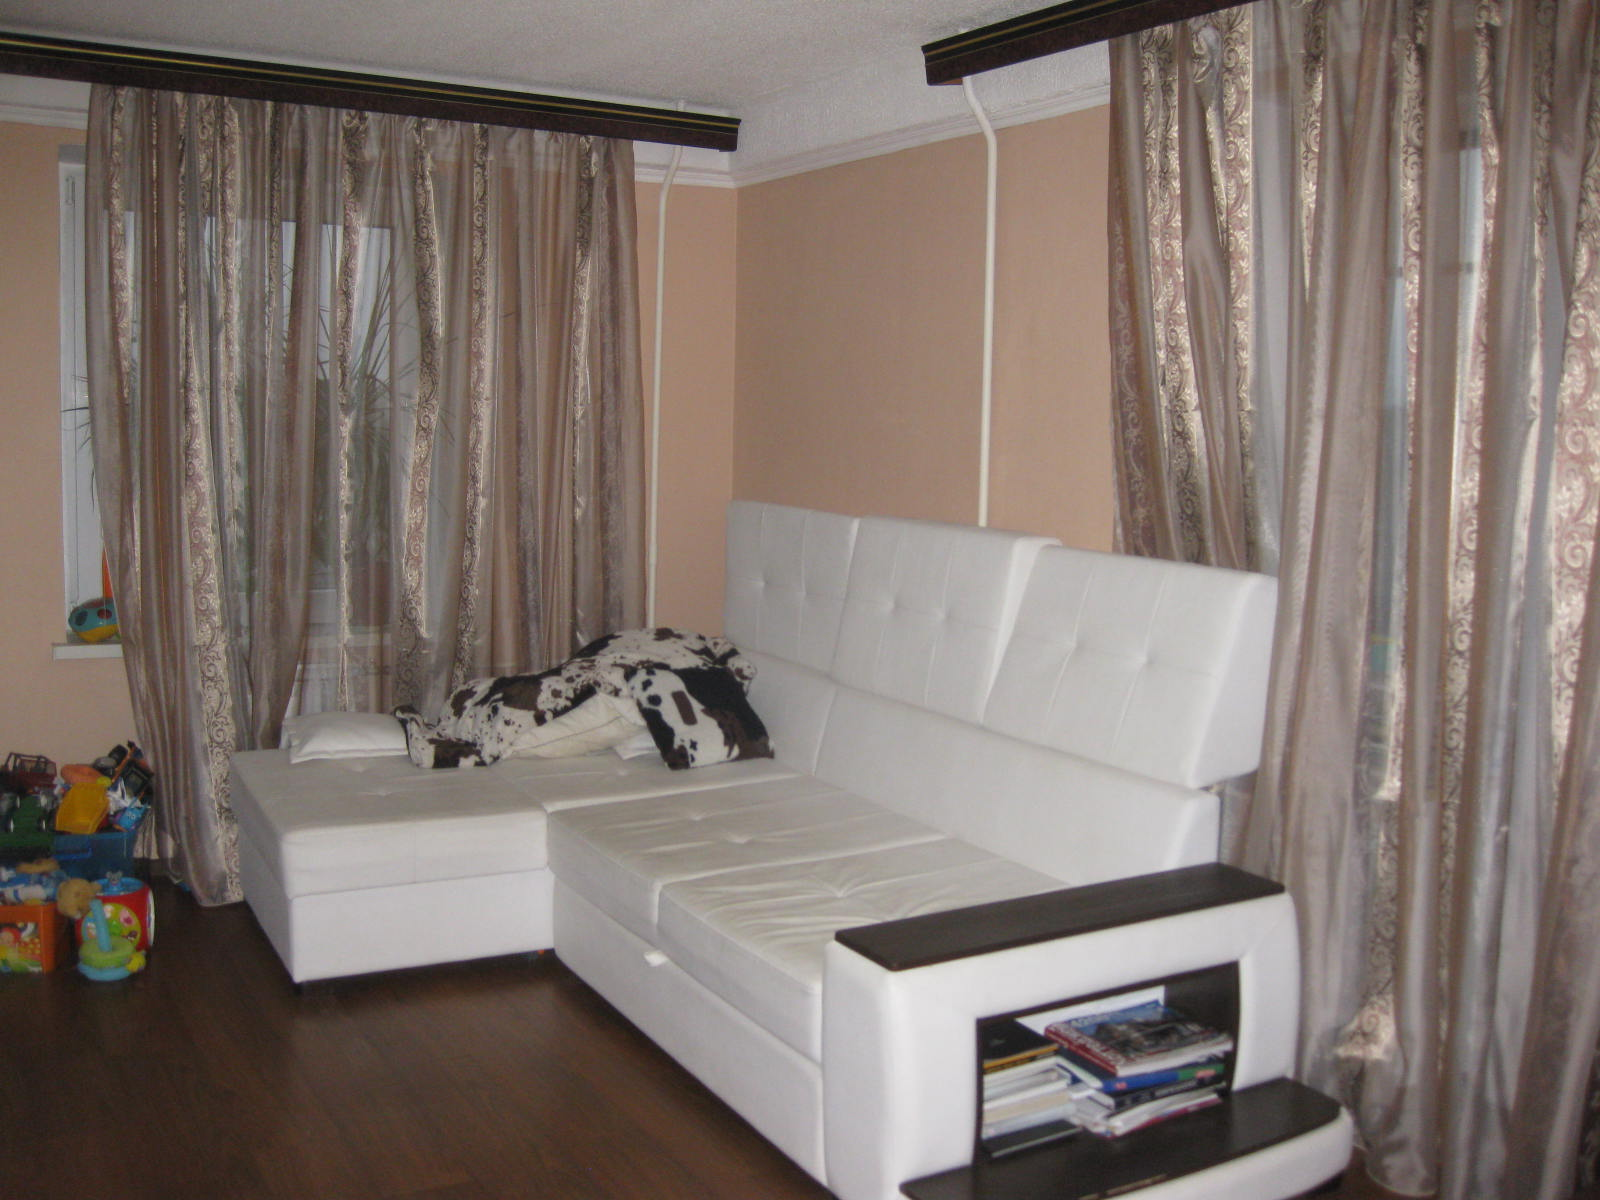 Сдается квартира с хорошем ремонтом и современной мебелью в Сертолово